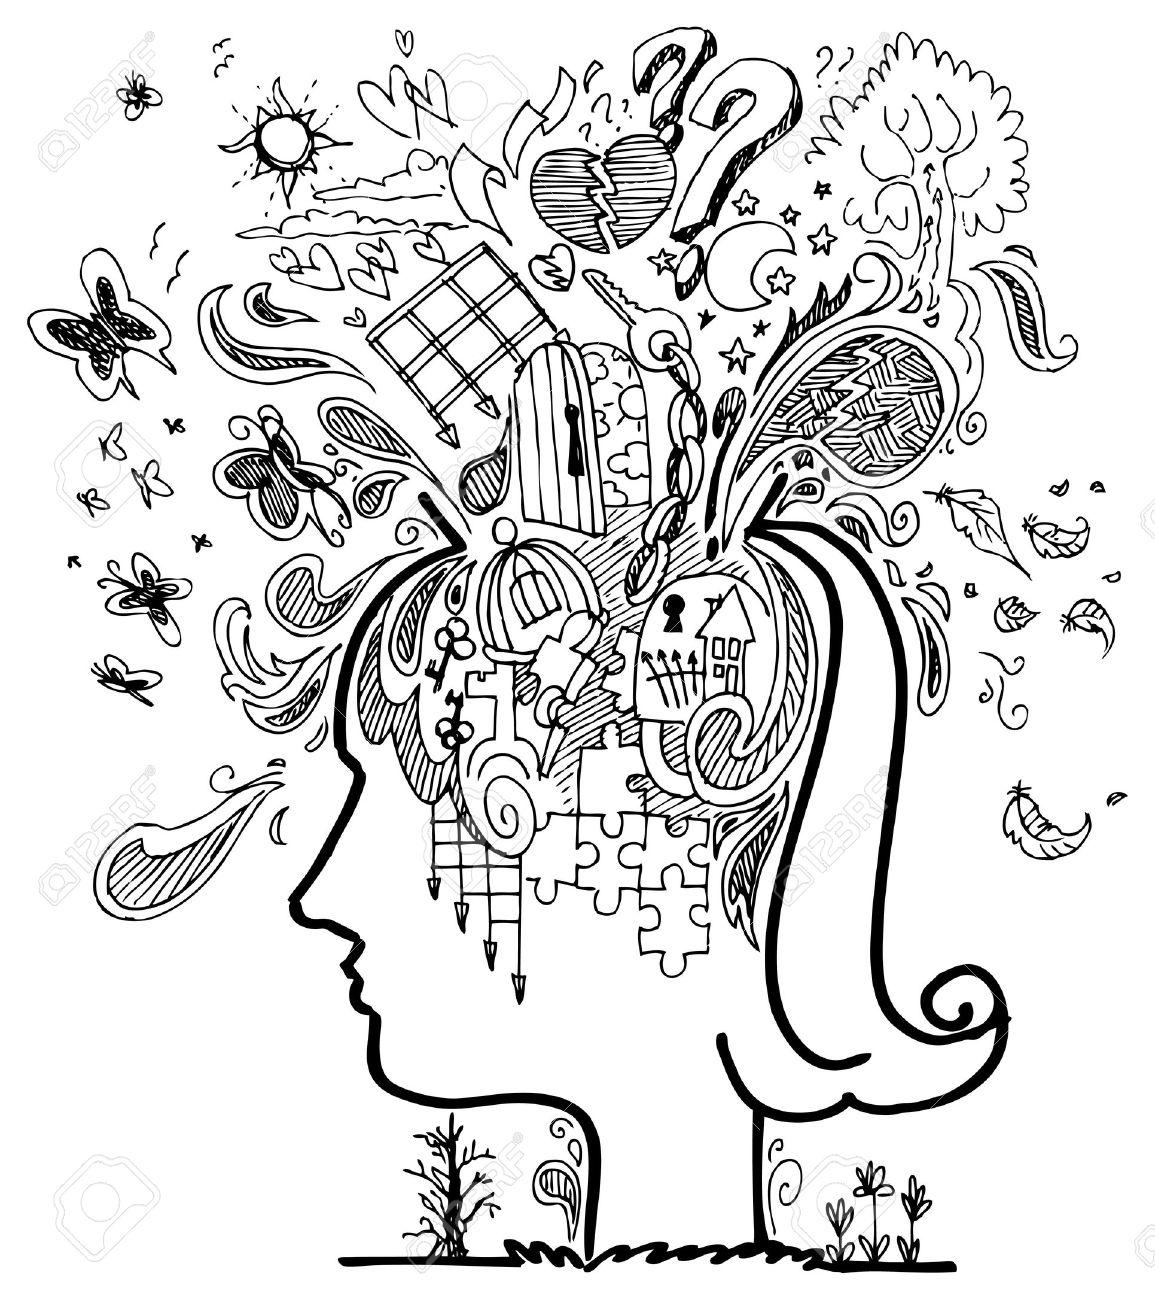 запутанные мысли рисунок